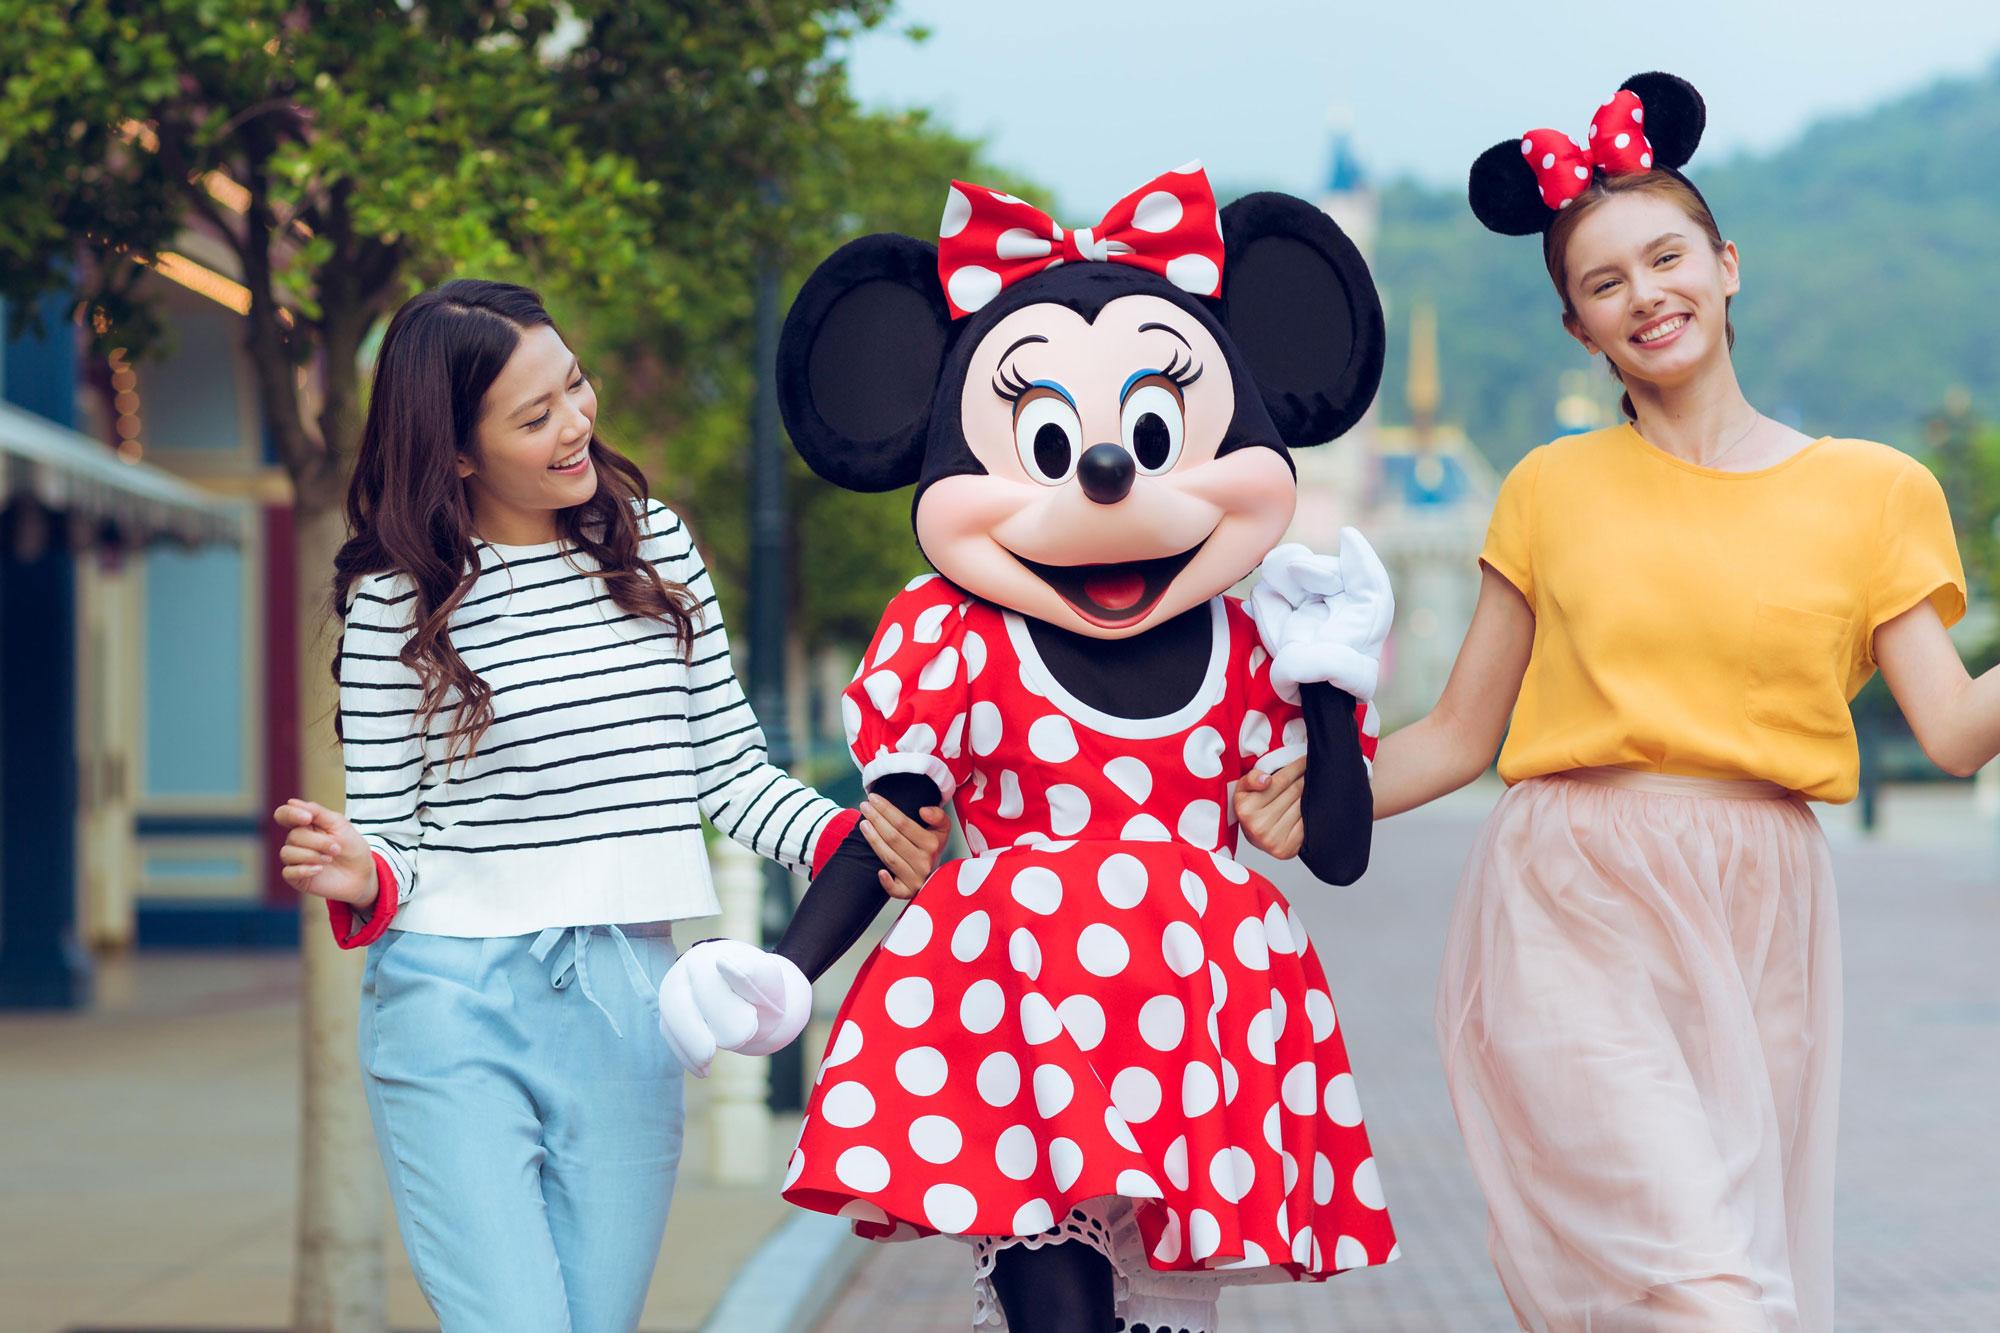 디즈니랜드 메인